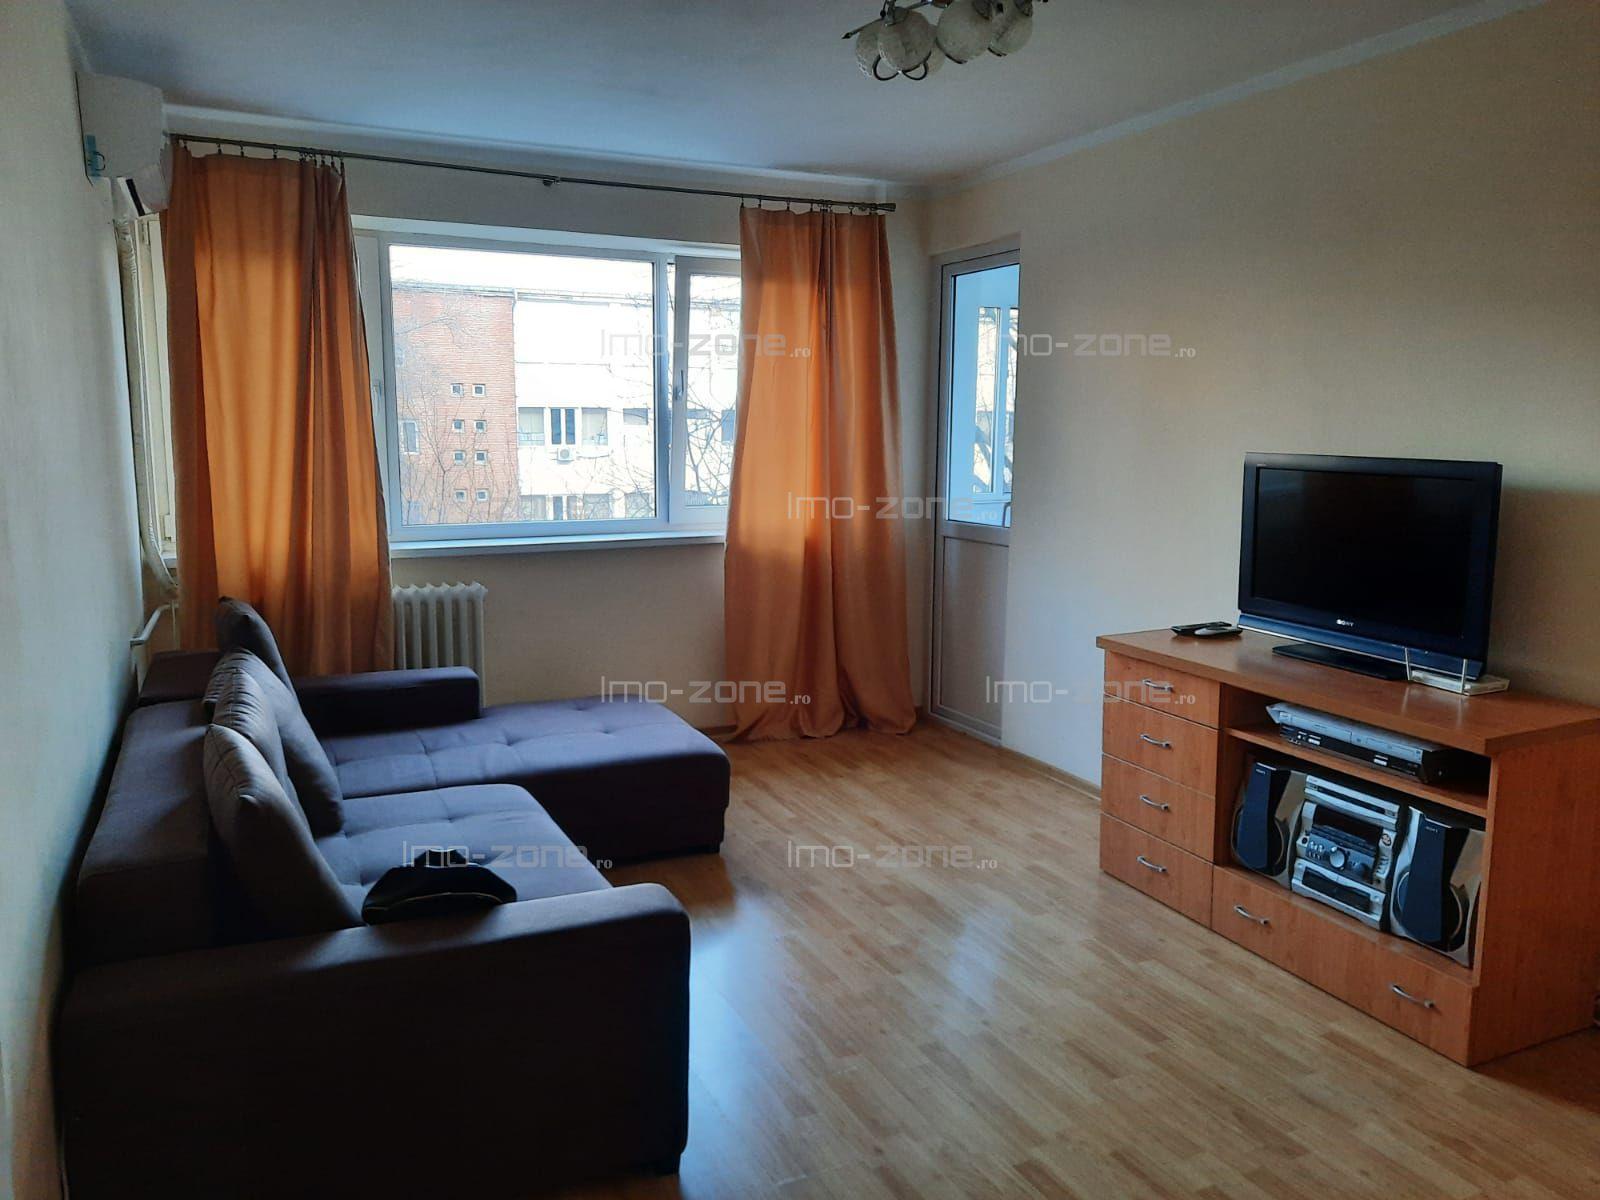 Apartament cu 2 camere, Plaza, bucatarie inchisa, MUTARE IMEDIATA